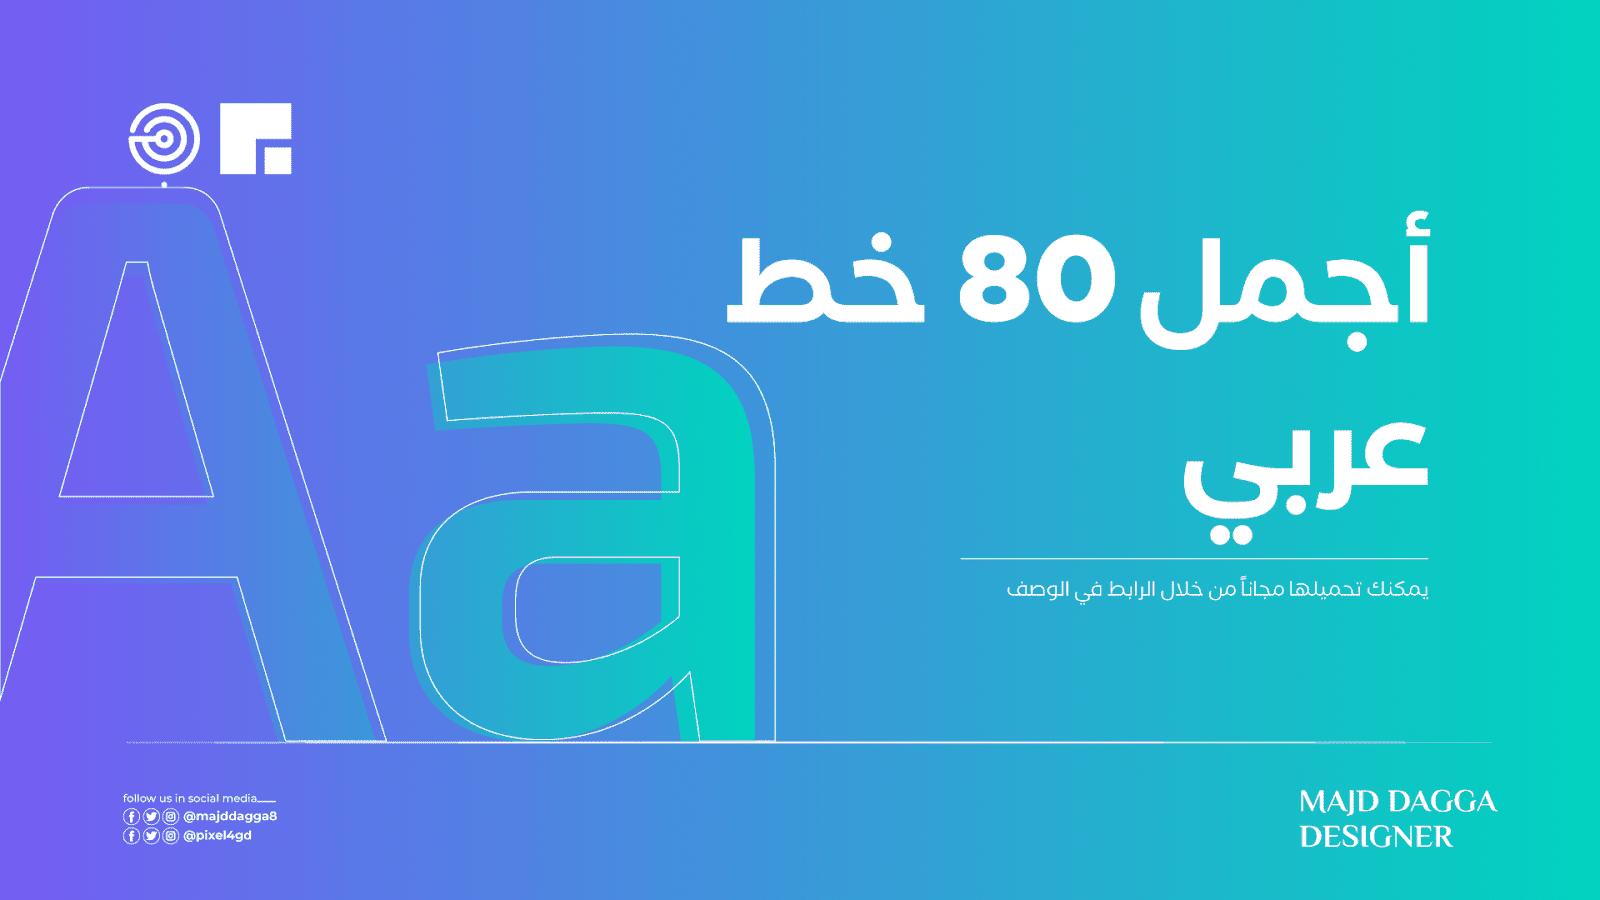 أجمل 80 خط عربي للتحميل مجاناً TOP 80 Arabic fonts in